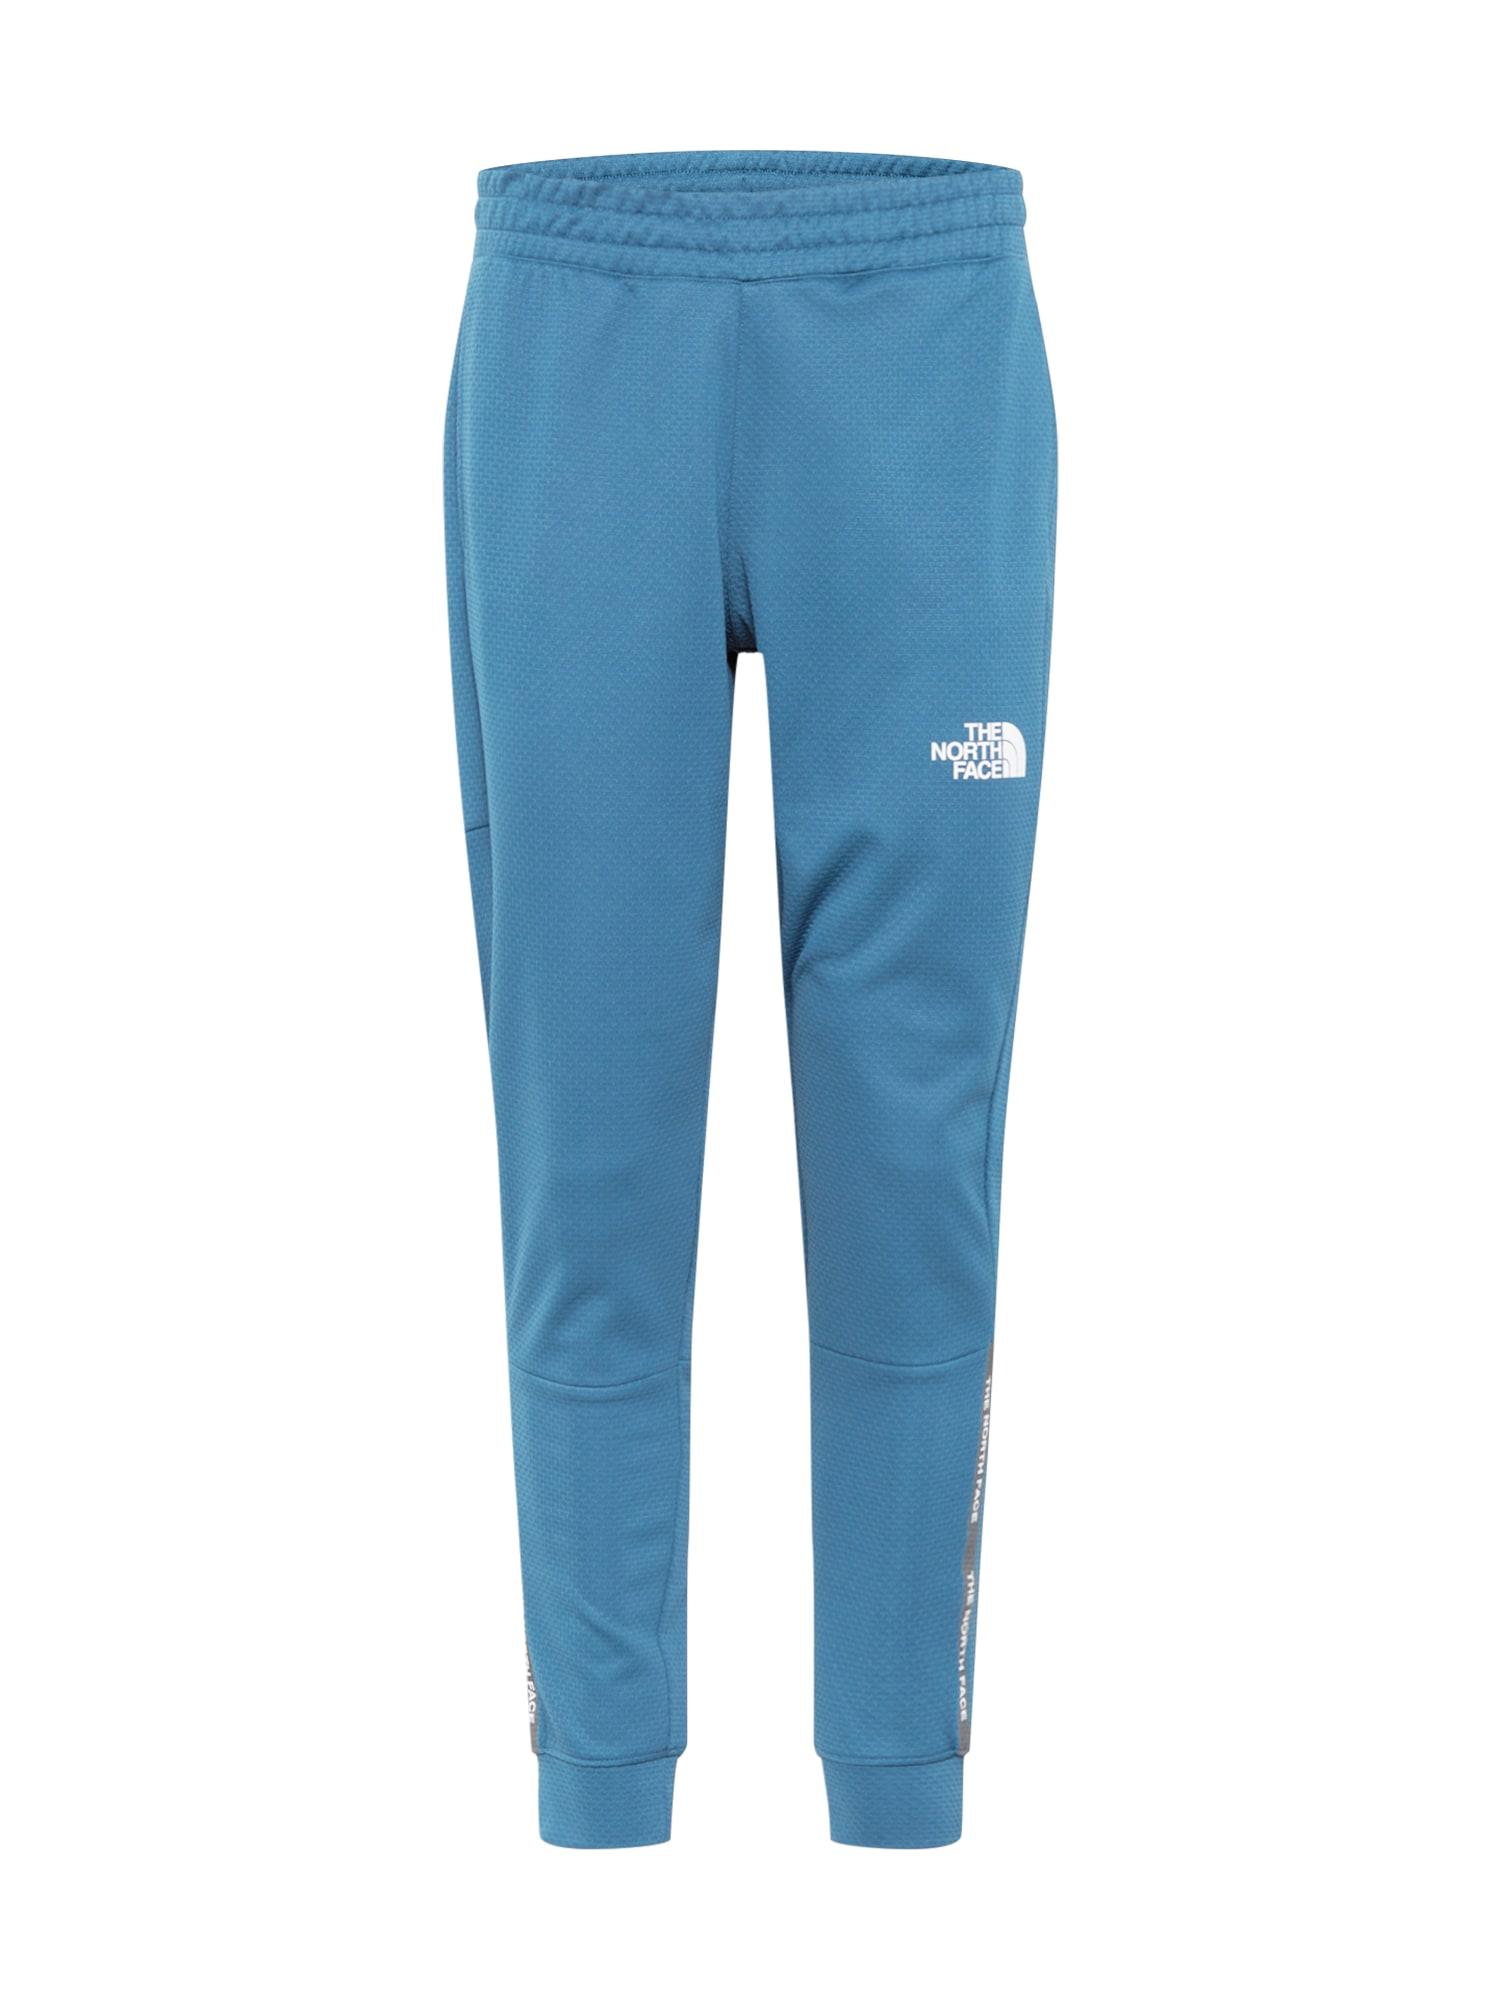 THE NORTH FACE Outdoorové kalhoty  nebeská modř / bílá